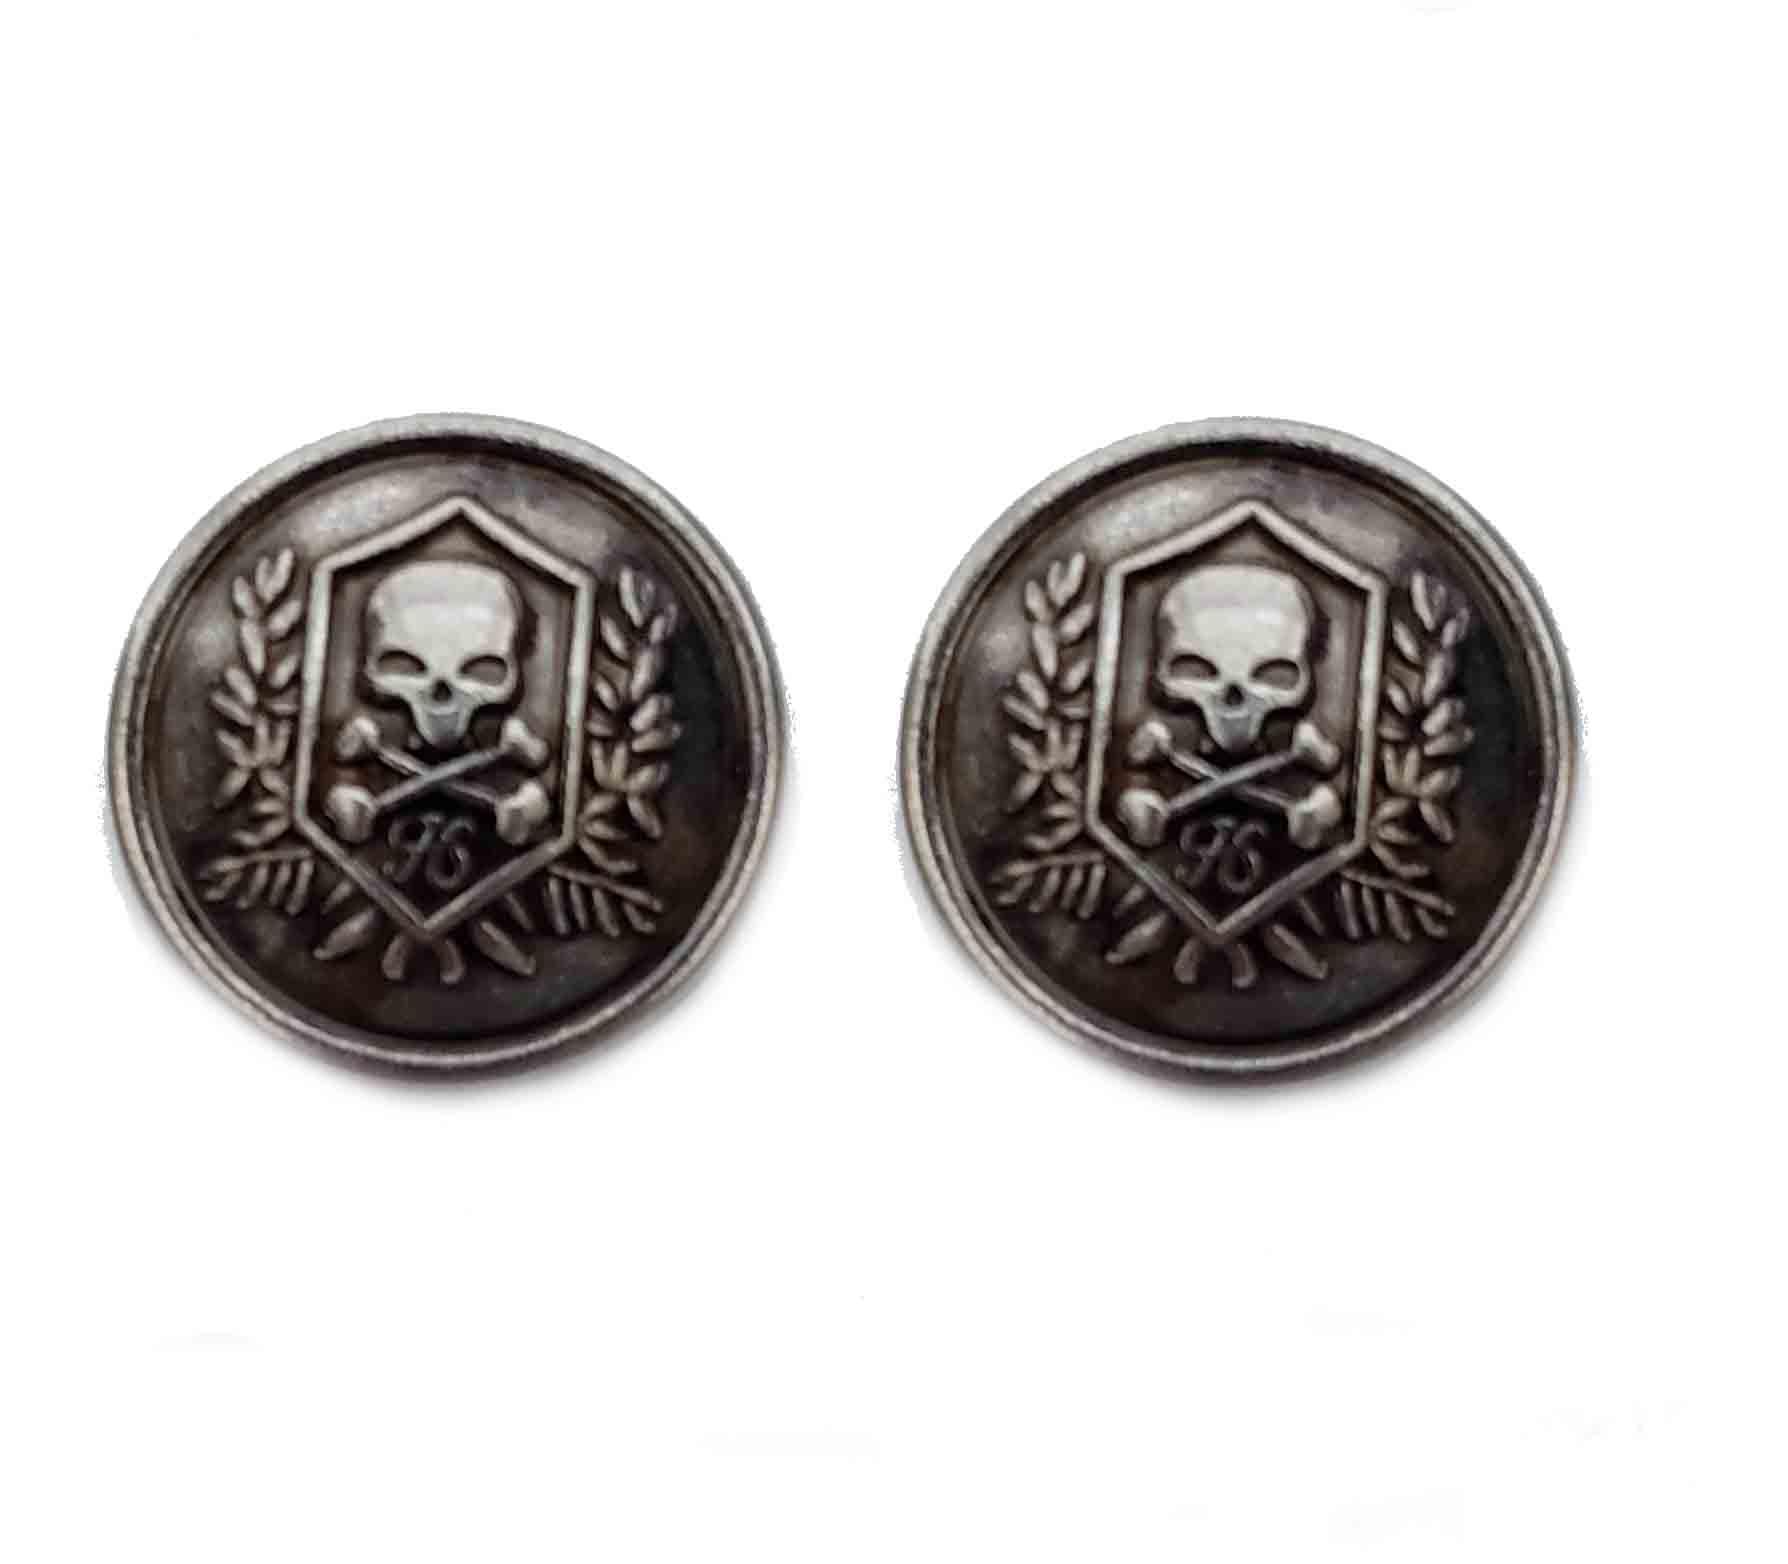 Two Gascoigne Skull Blazer Buttons Skull Crossbones Gray Silver Metal Shank Men's